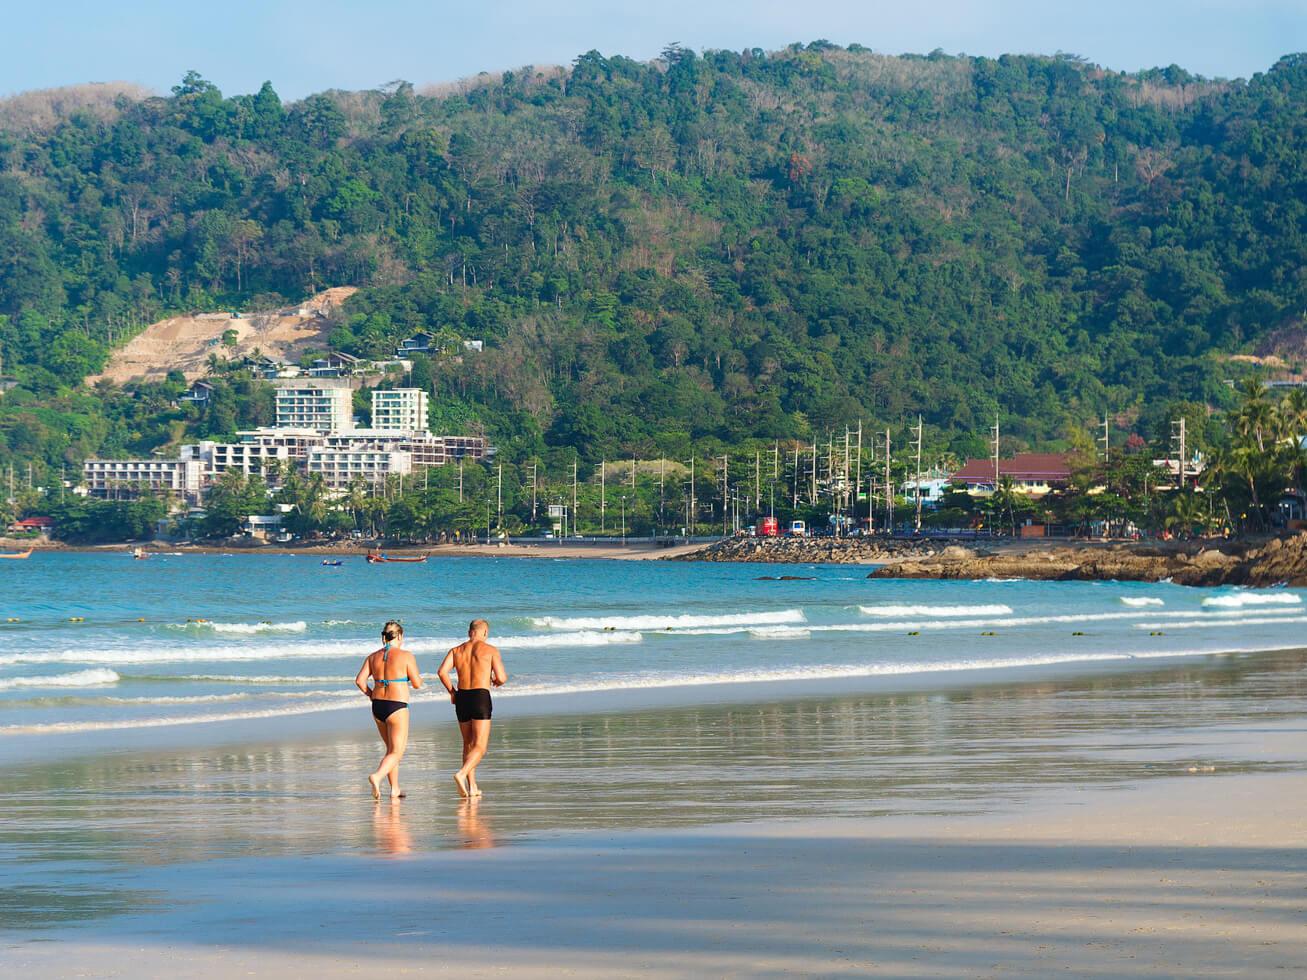 ビキニで海岸を走る女性の写真